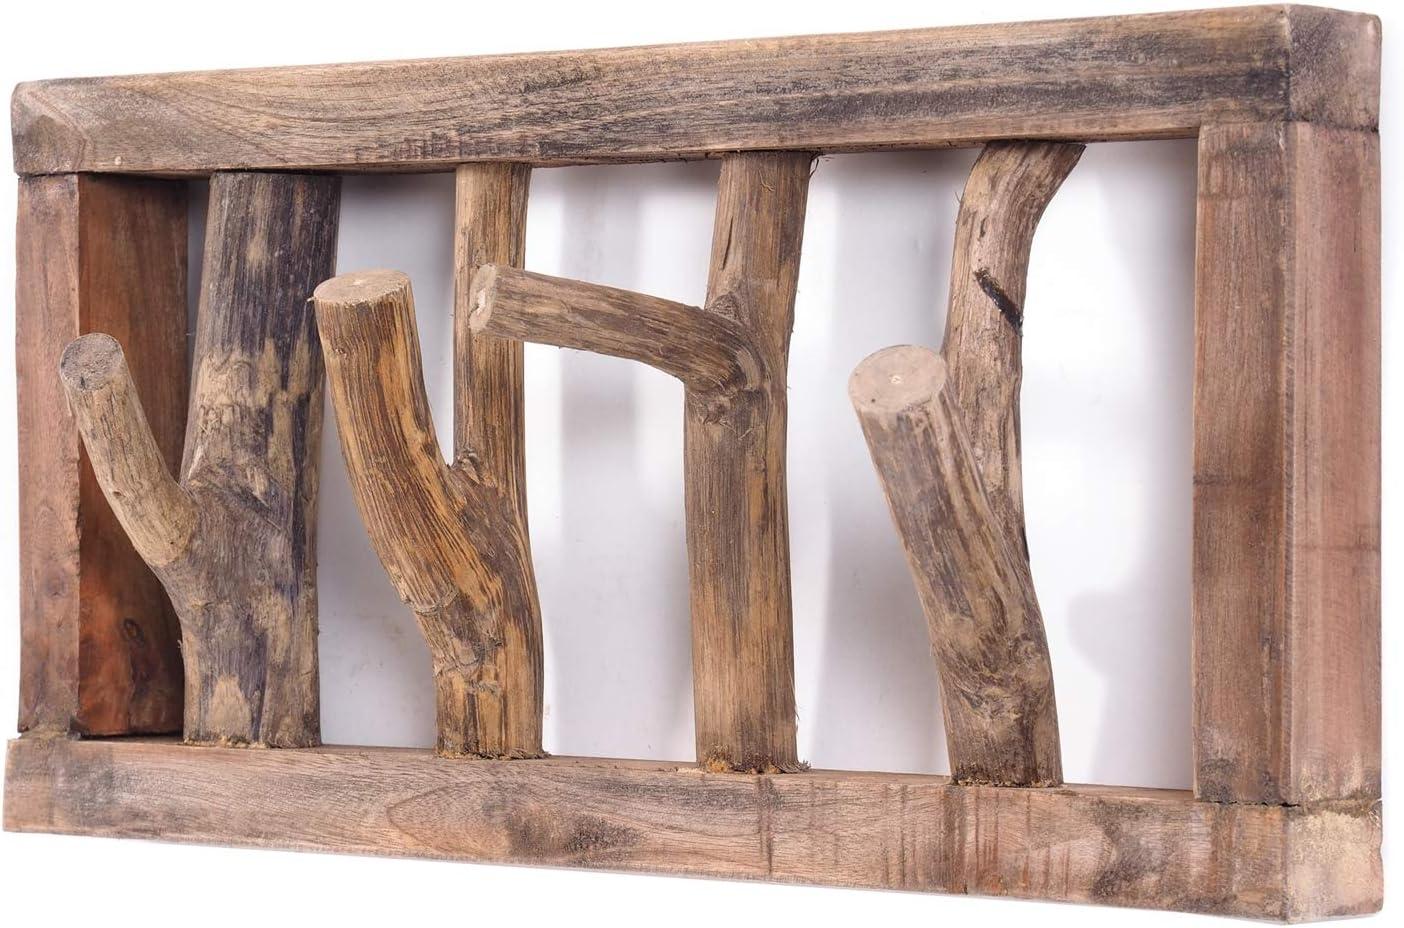 Treibholz Garderobe Klein Holz braun